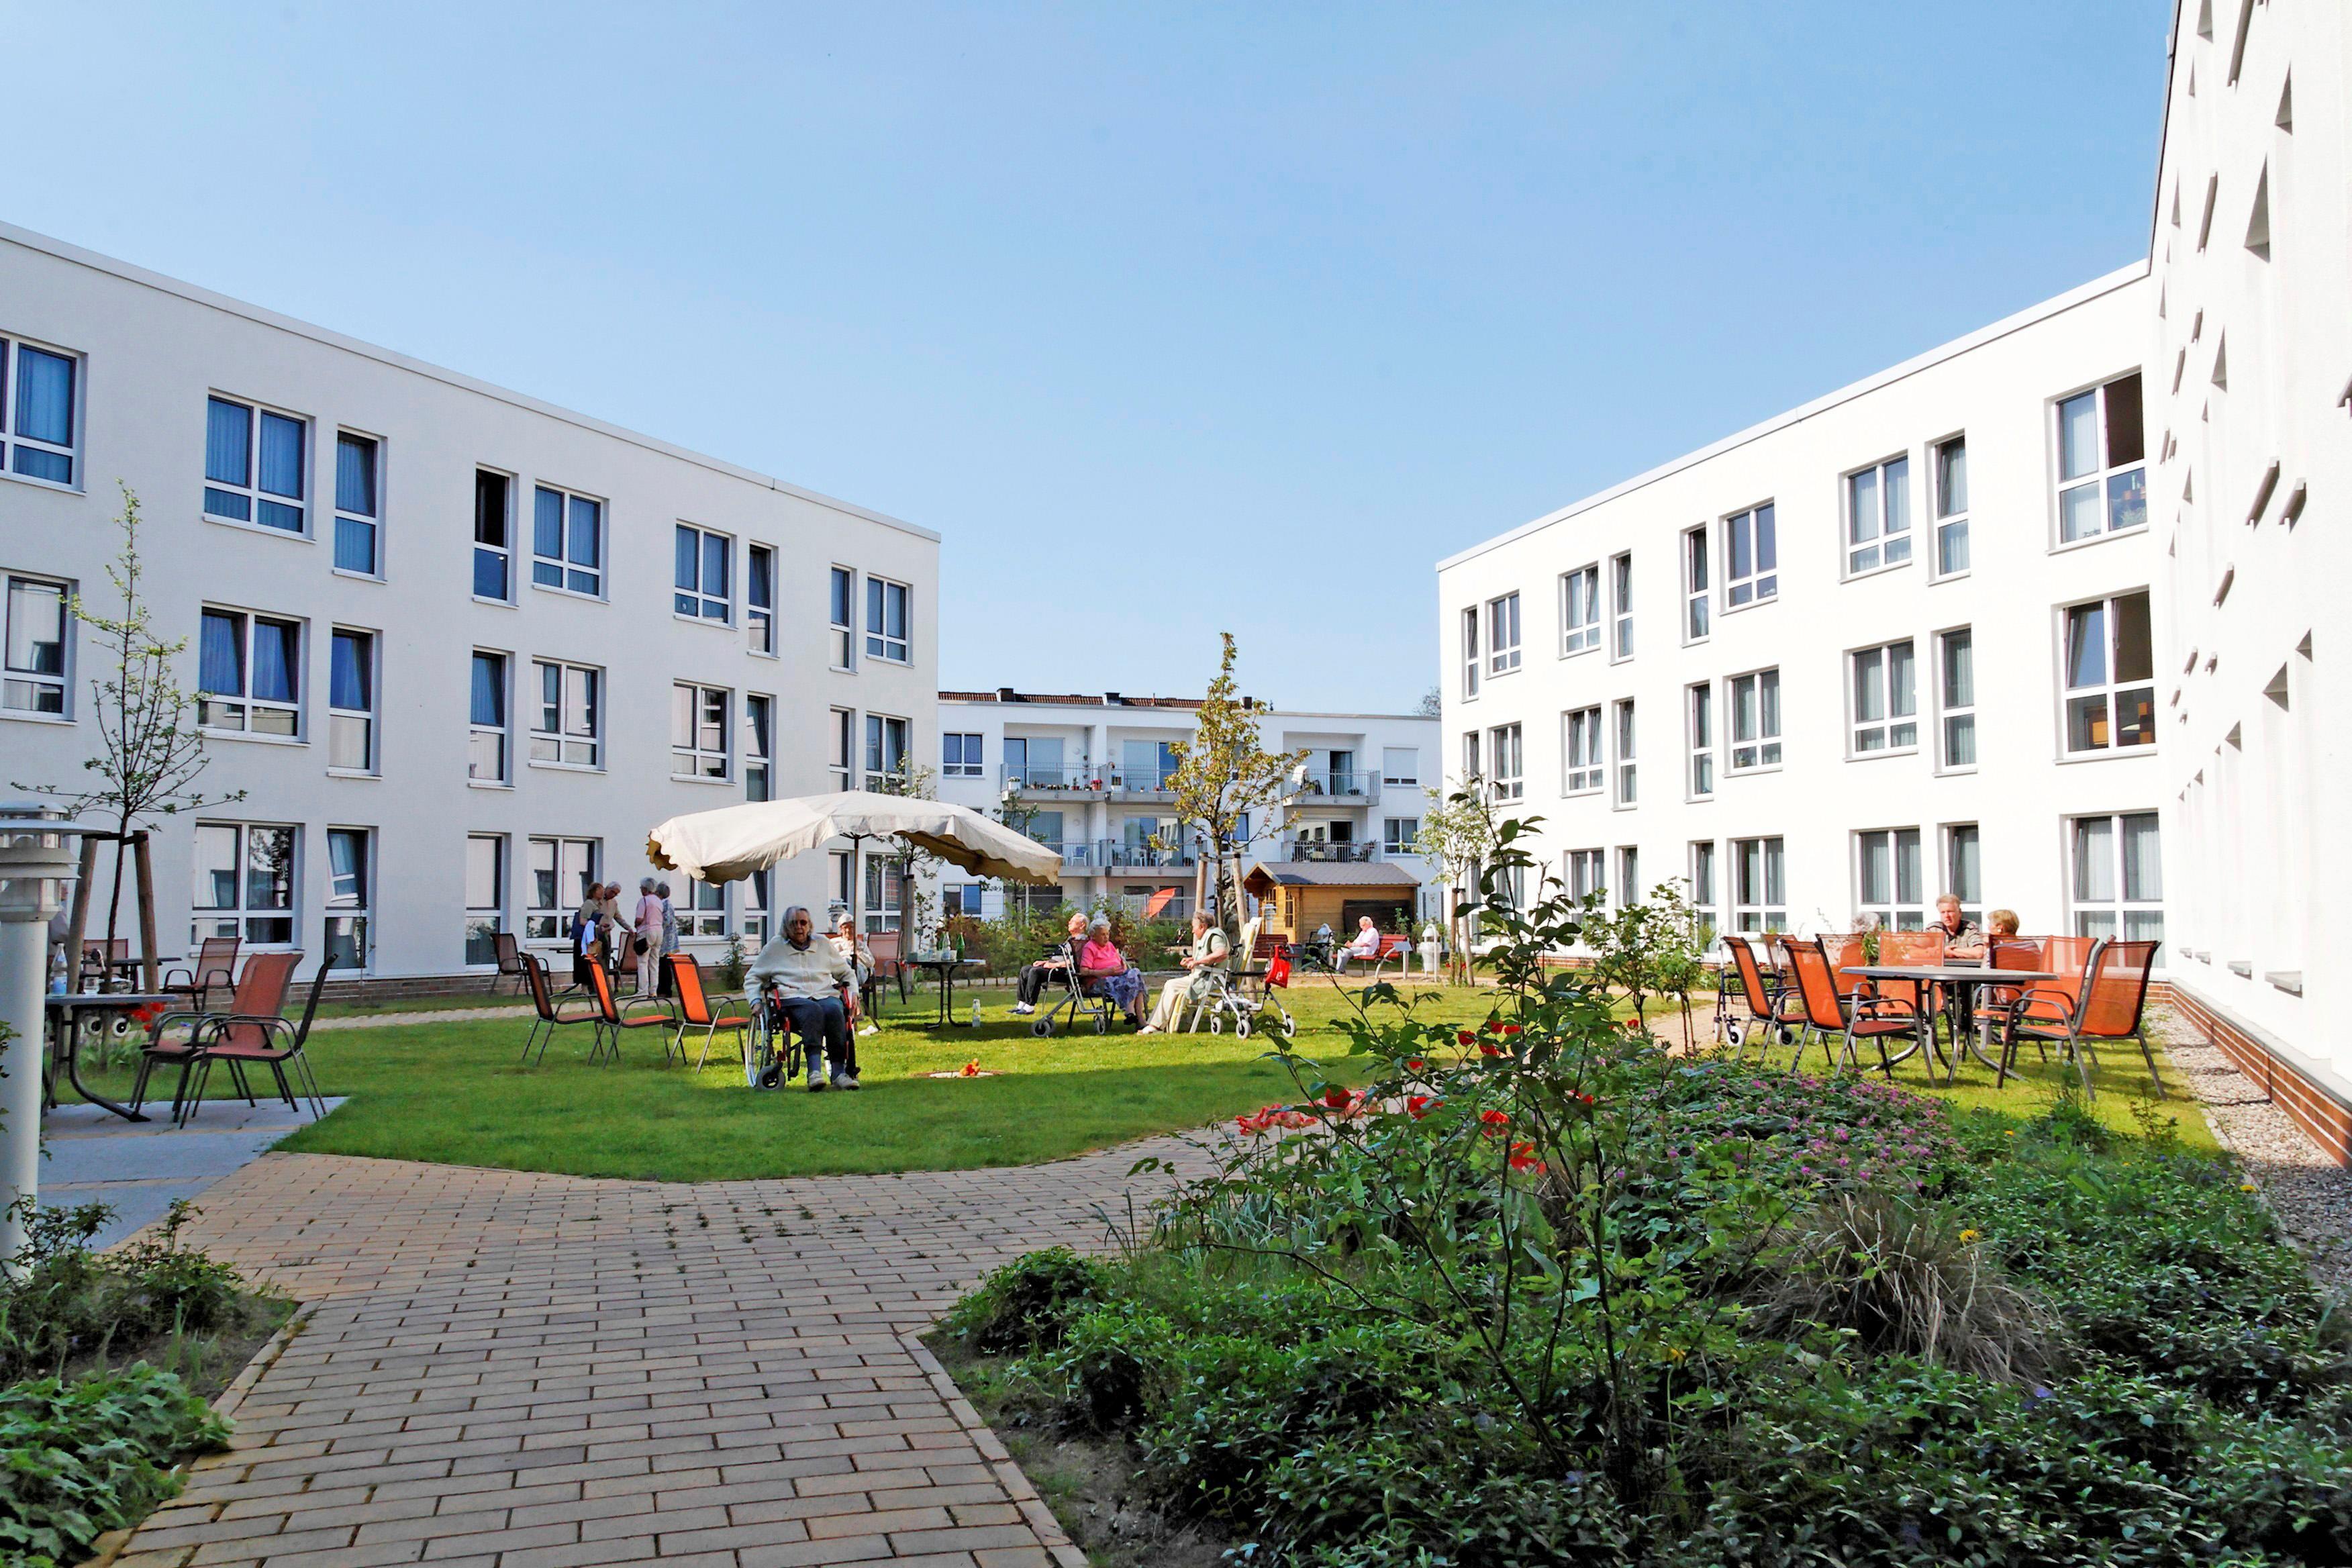 Senioren- und Pflegeeinrichtung Haus L�beck NDS gGmbH